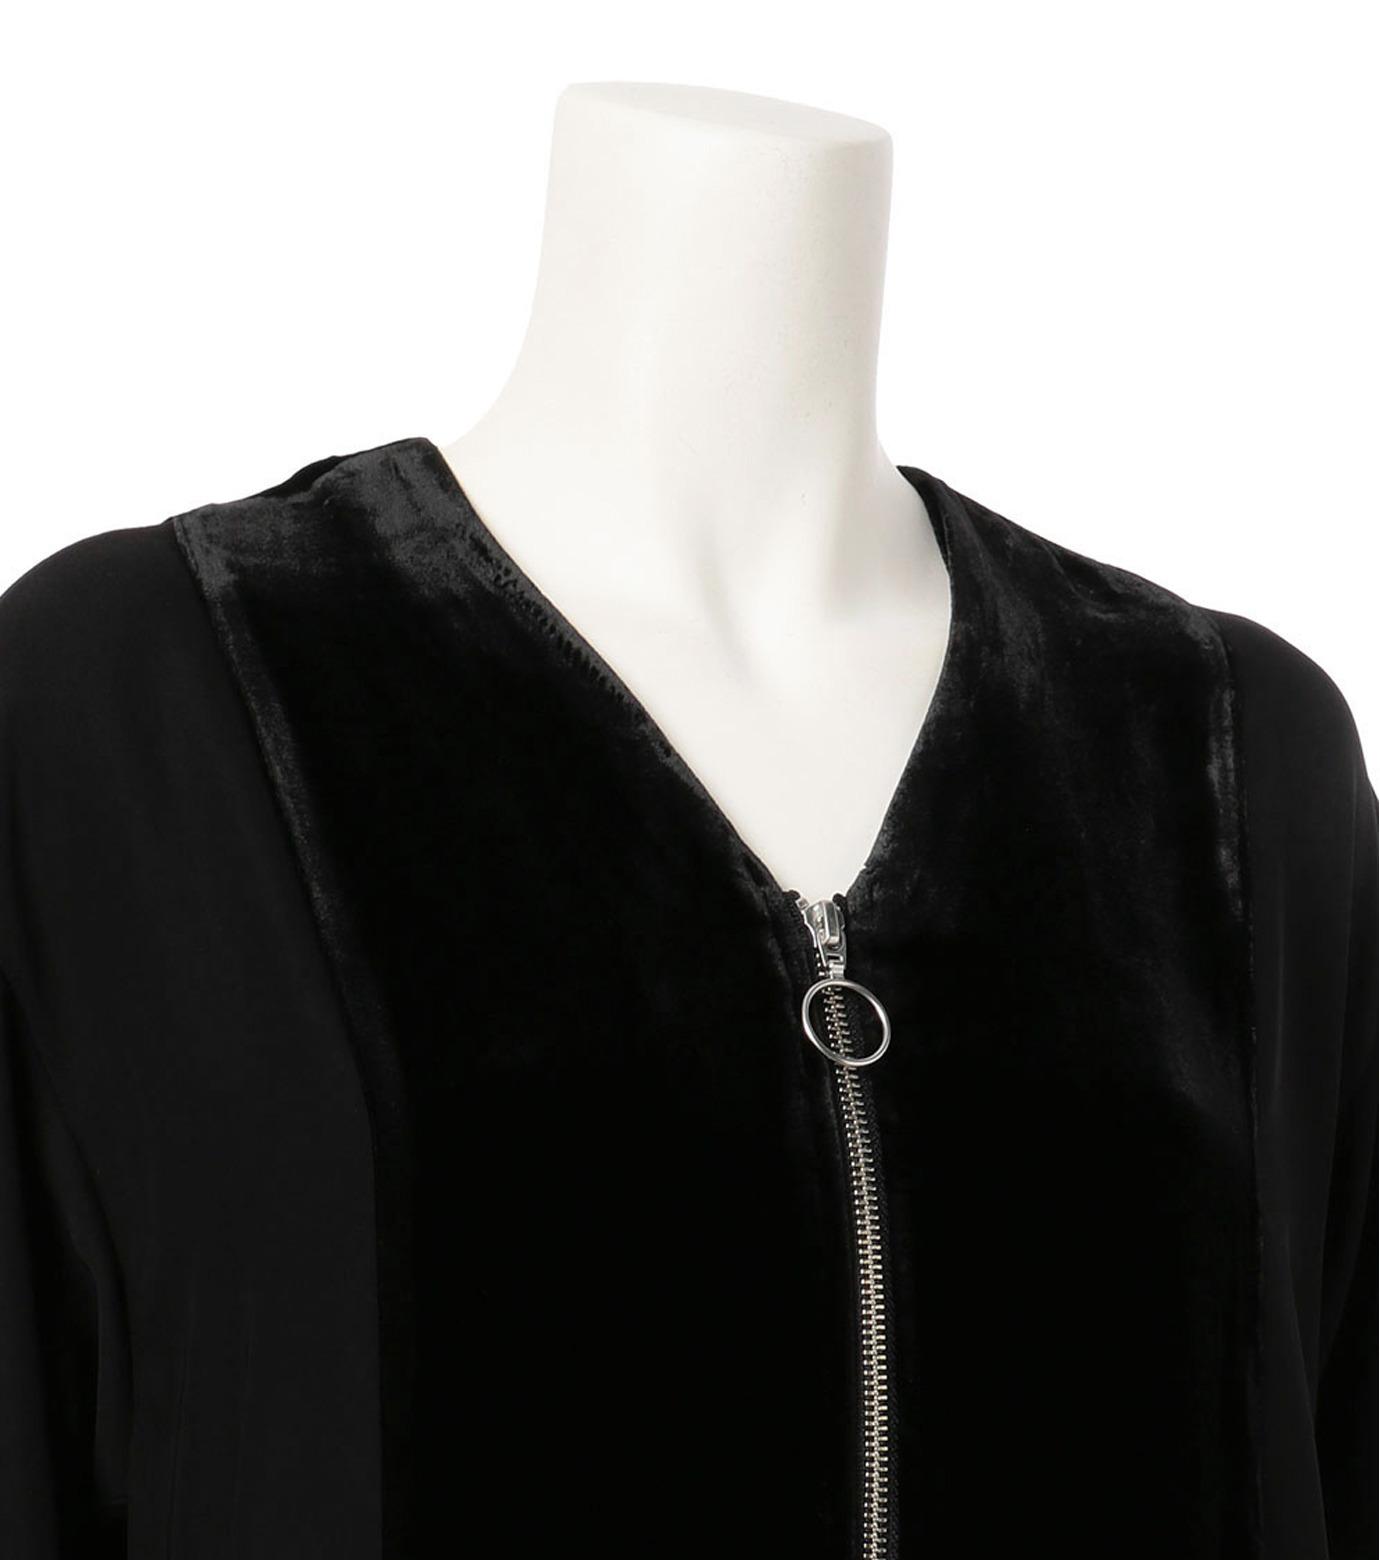 G.V.G.V.(ジーヴィジーヴィ)のVELVET PANEL DRESS-BLACK(ドレス/dress)-GV1641003-13 拡大詳細画像3